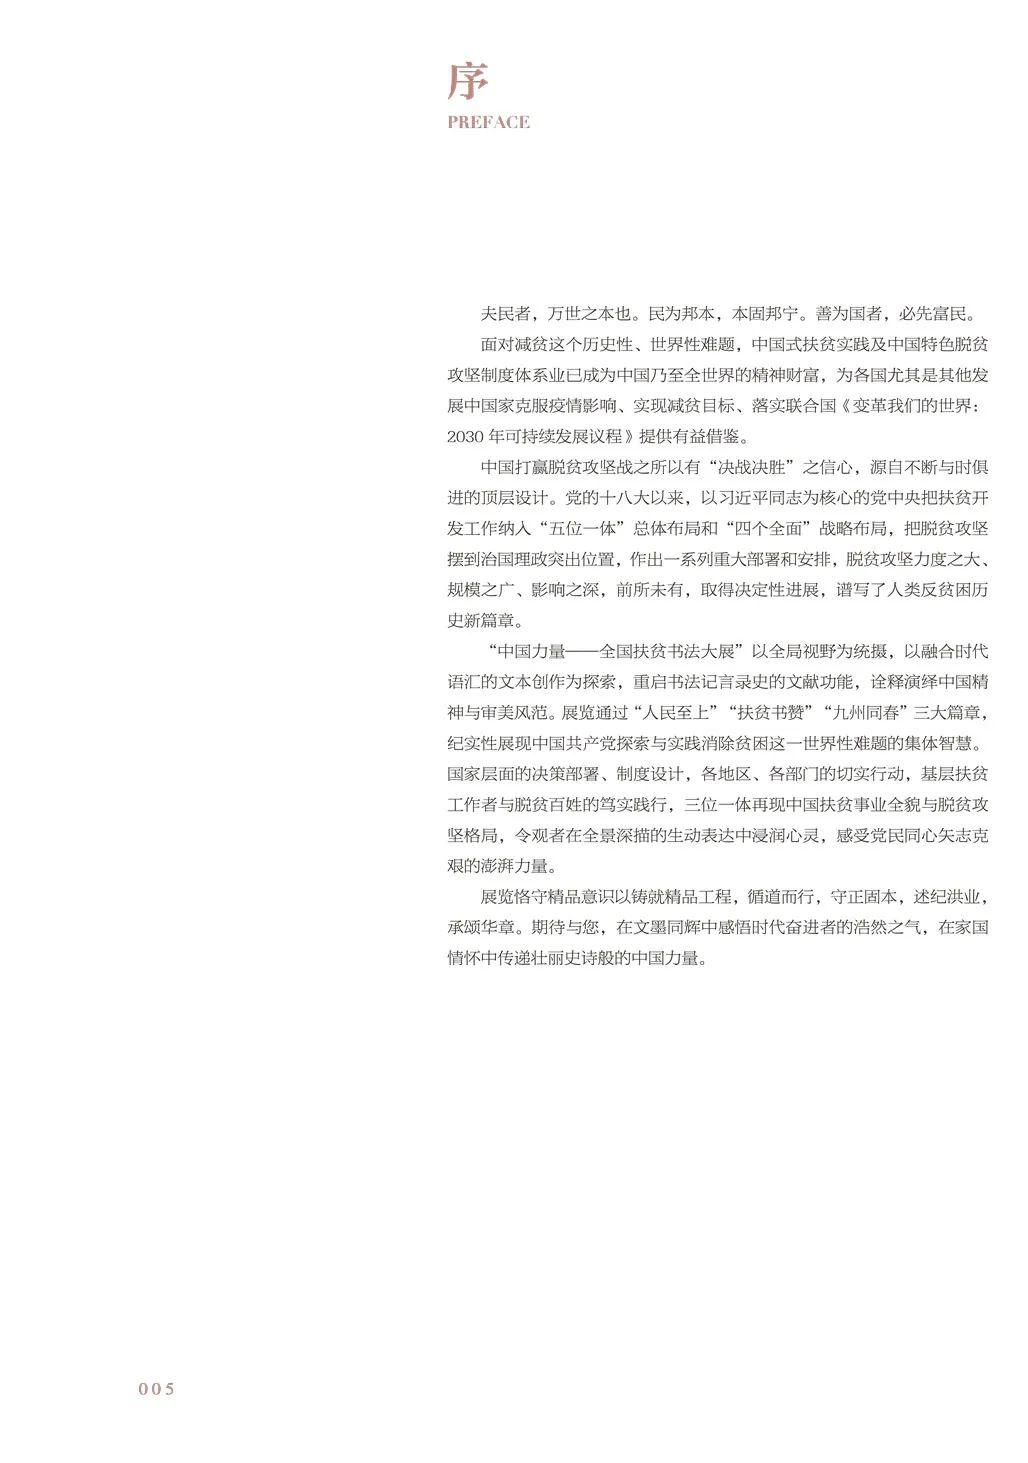 中国力量——全国扶贫书法大展作品 | 第一篇章 :人民至上(图5)